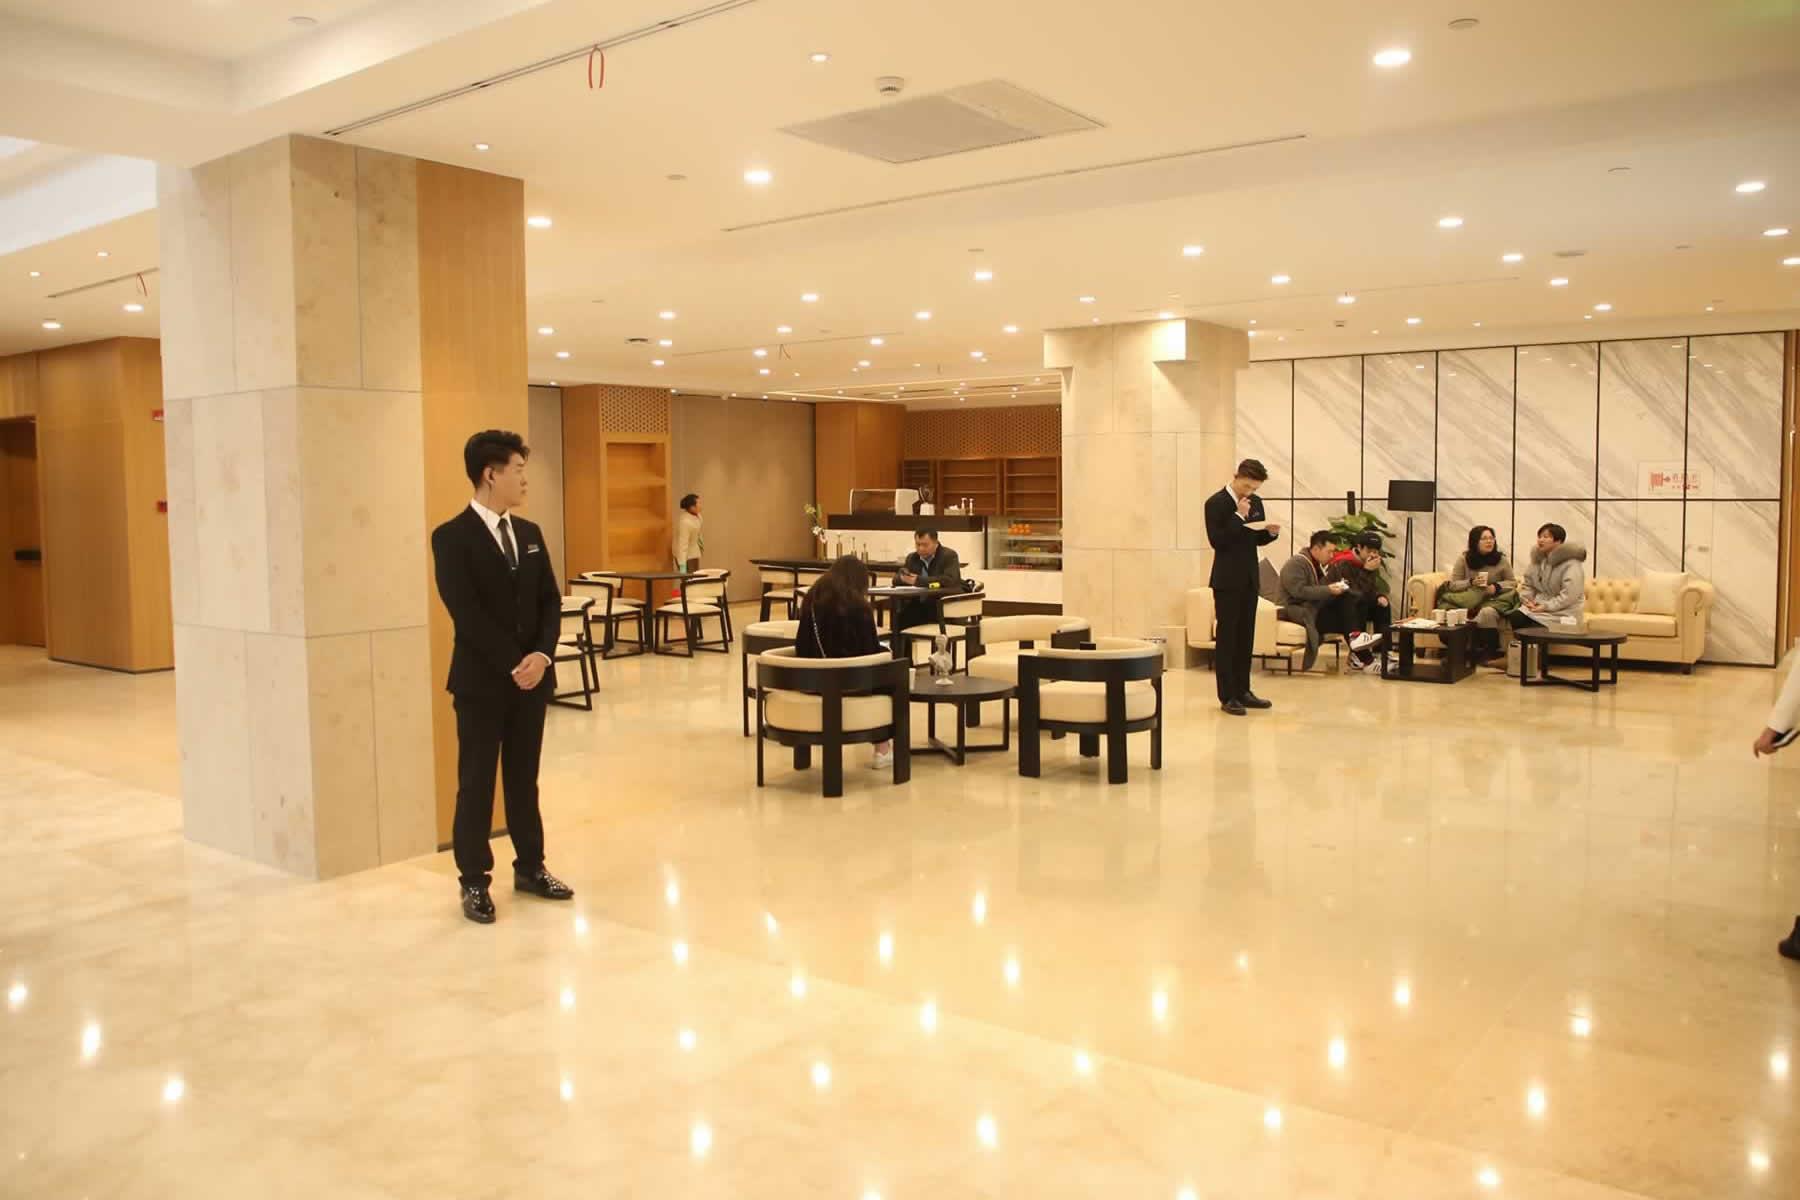 杭州薇琳医疗美容医院是公立医院吗?